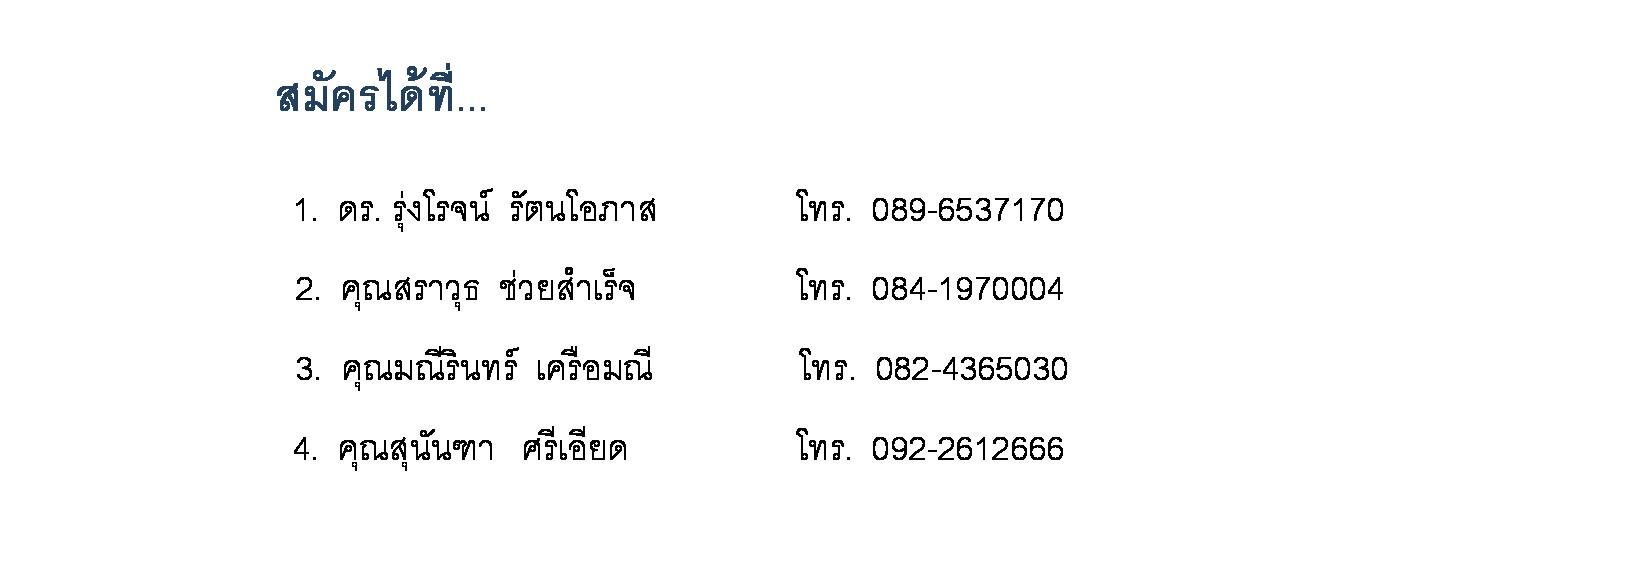 197253f5dd0a43cd8d9011a81779d5b2-3